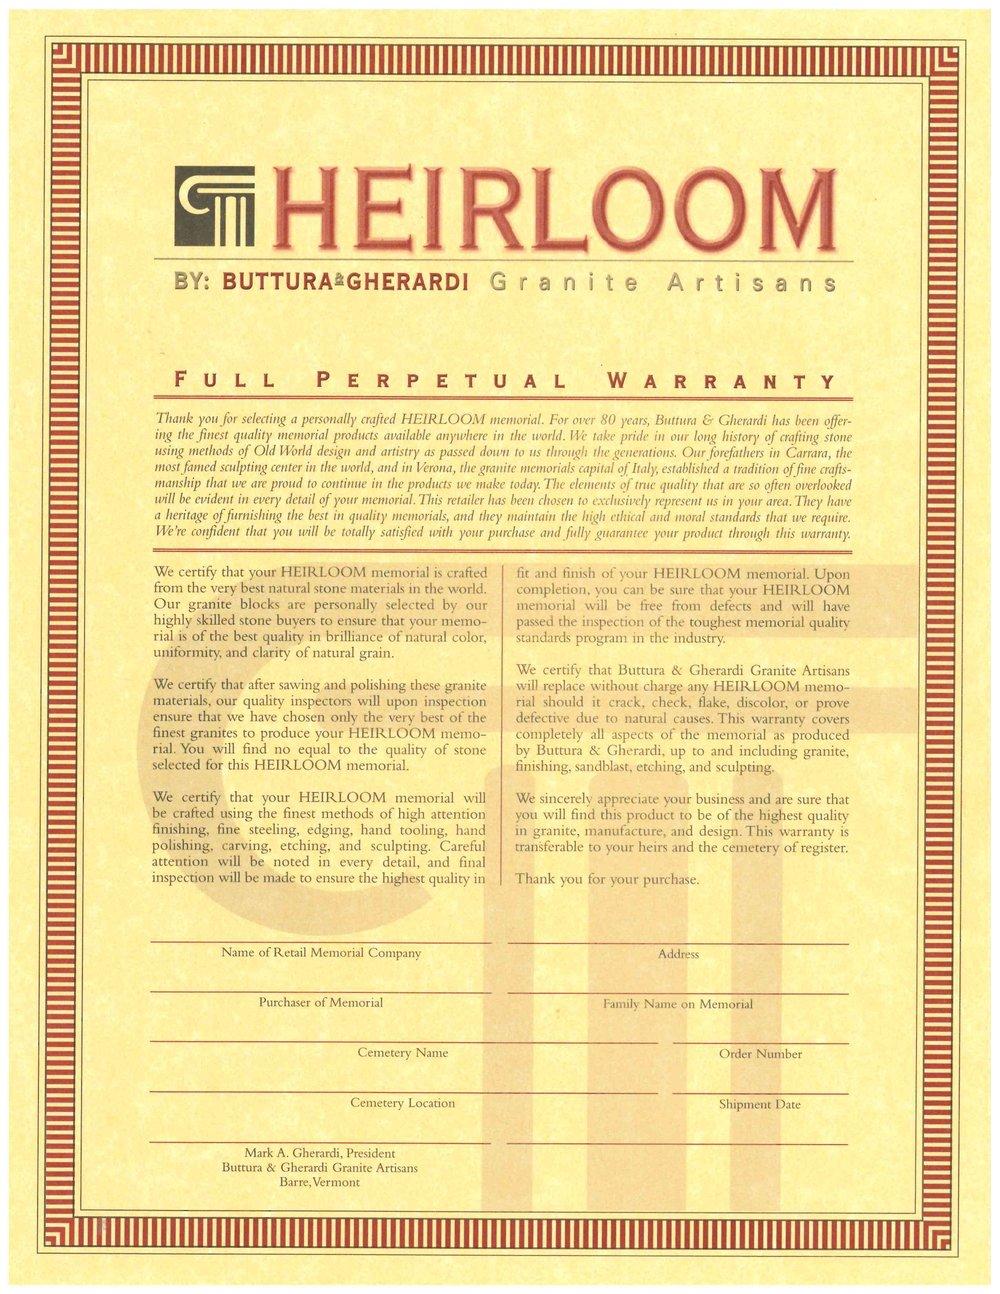 Heirloom Warranty.jpg